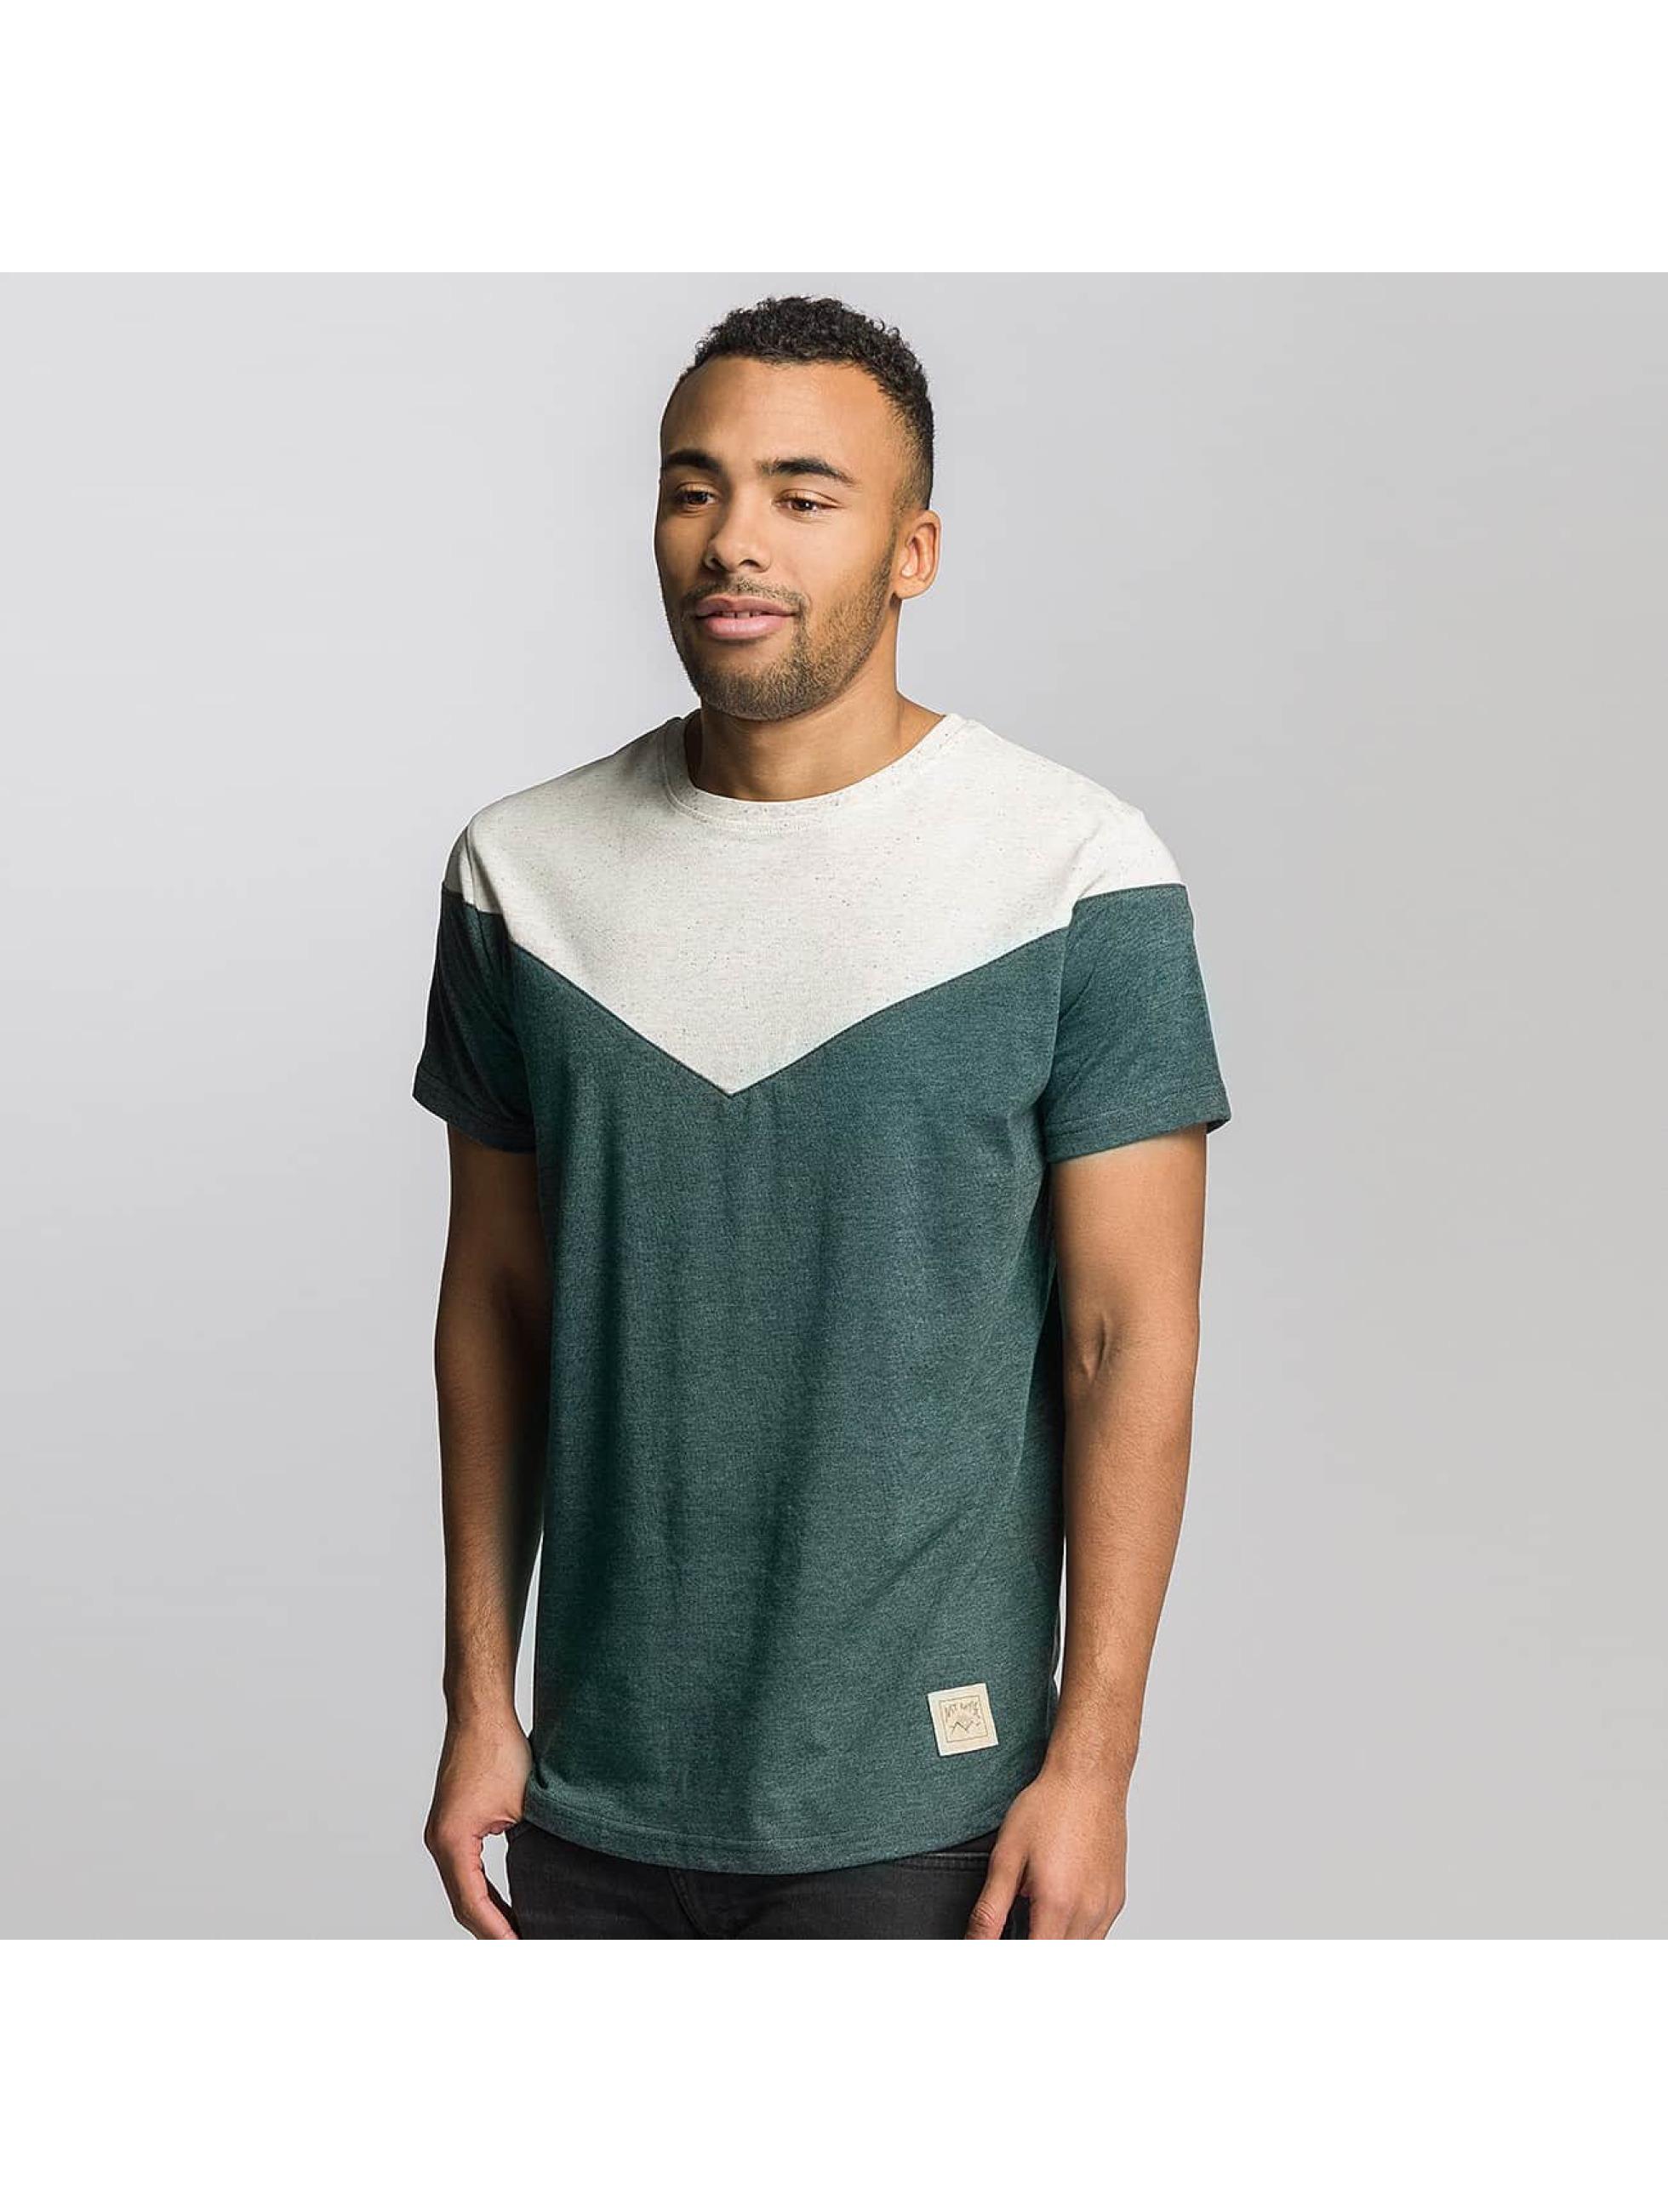 Just Rhyse / T-Shirt Jönköping in green S